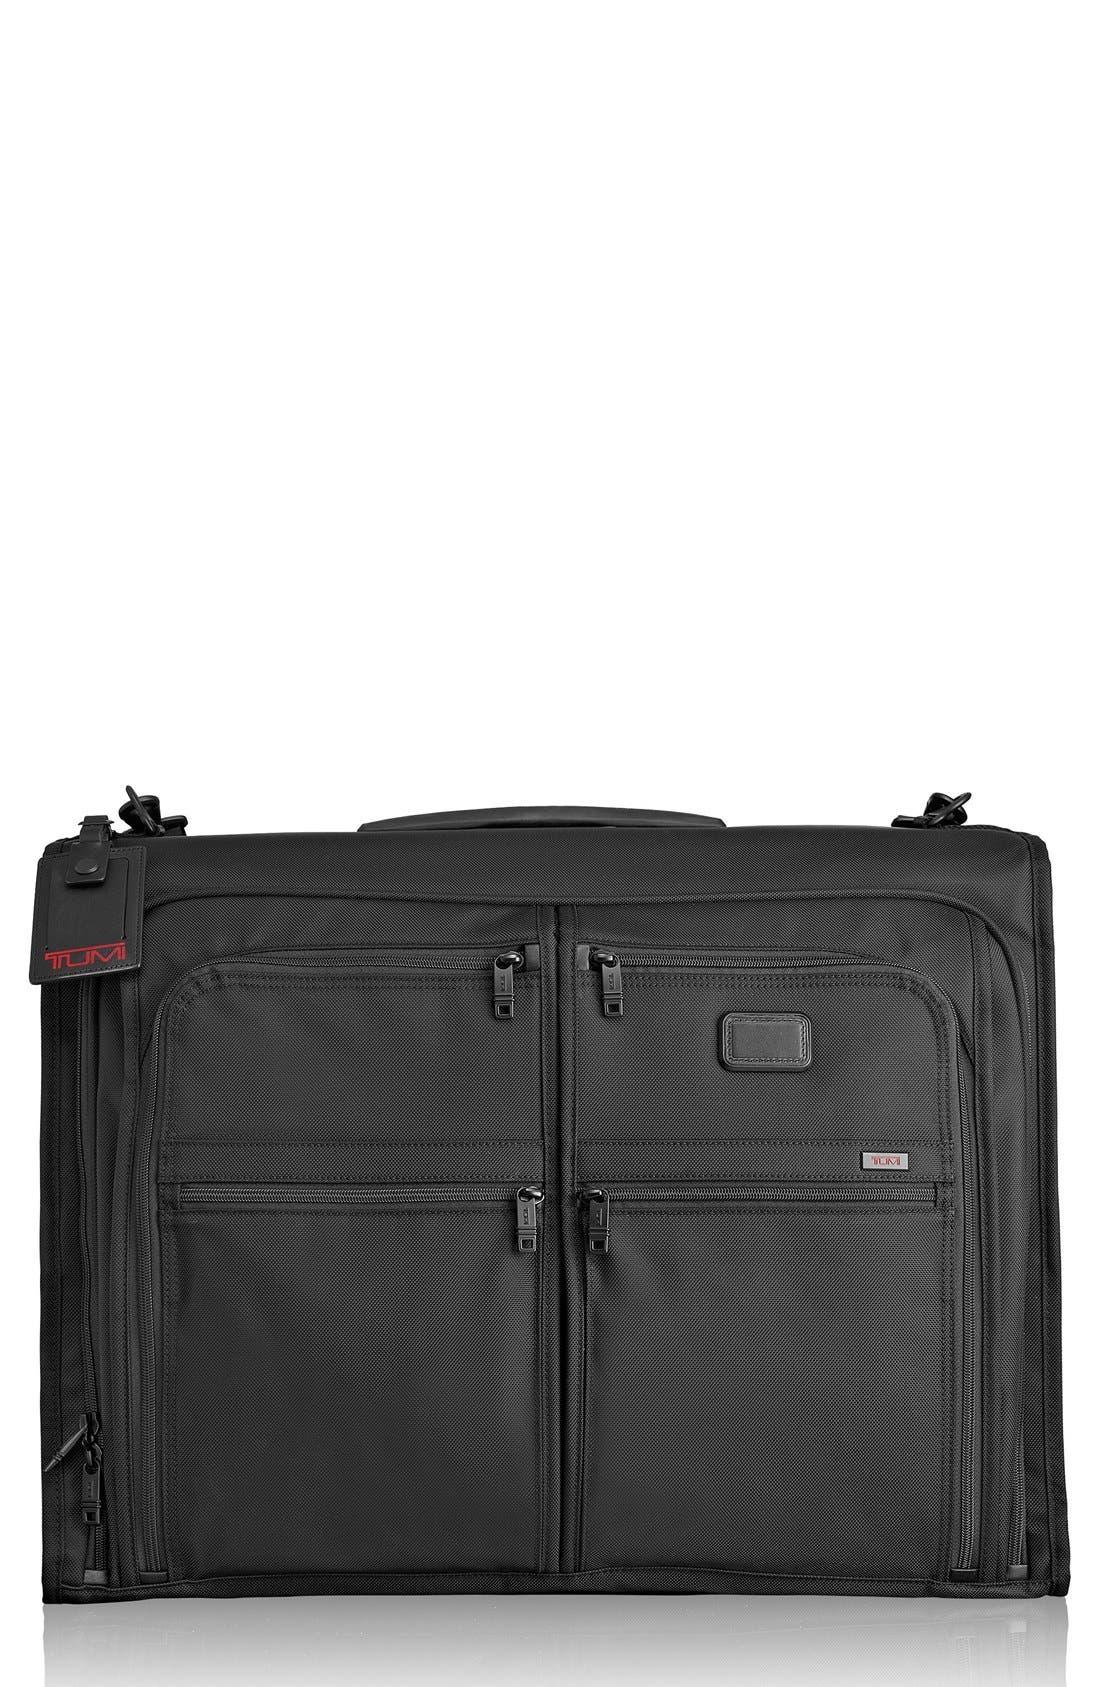 TUMI Alpha 2 Classic Garment Bag, Main, color, 001